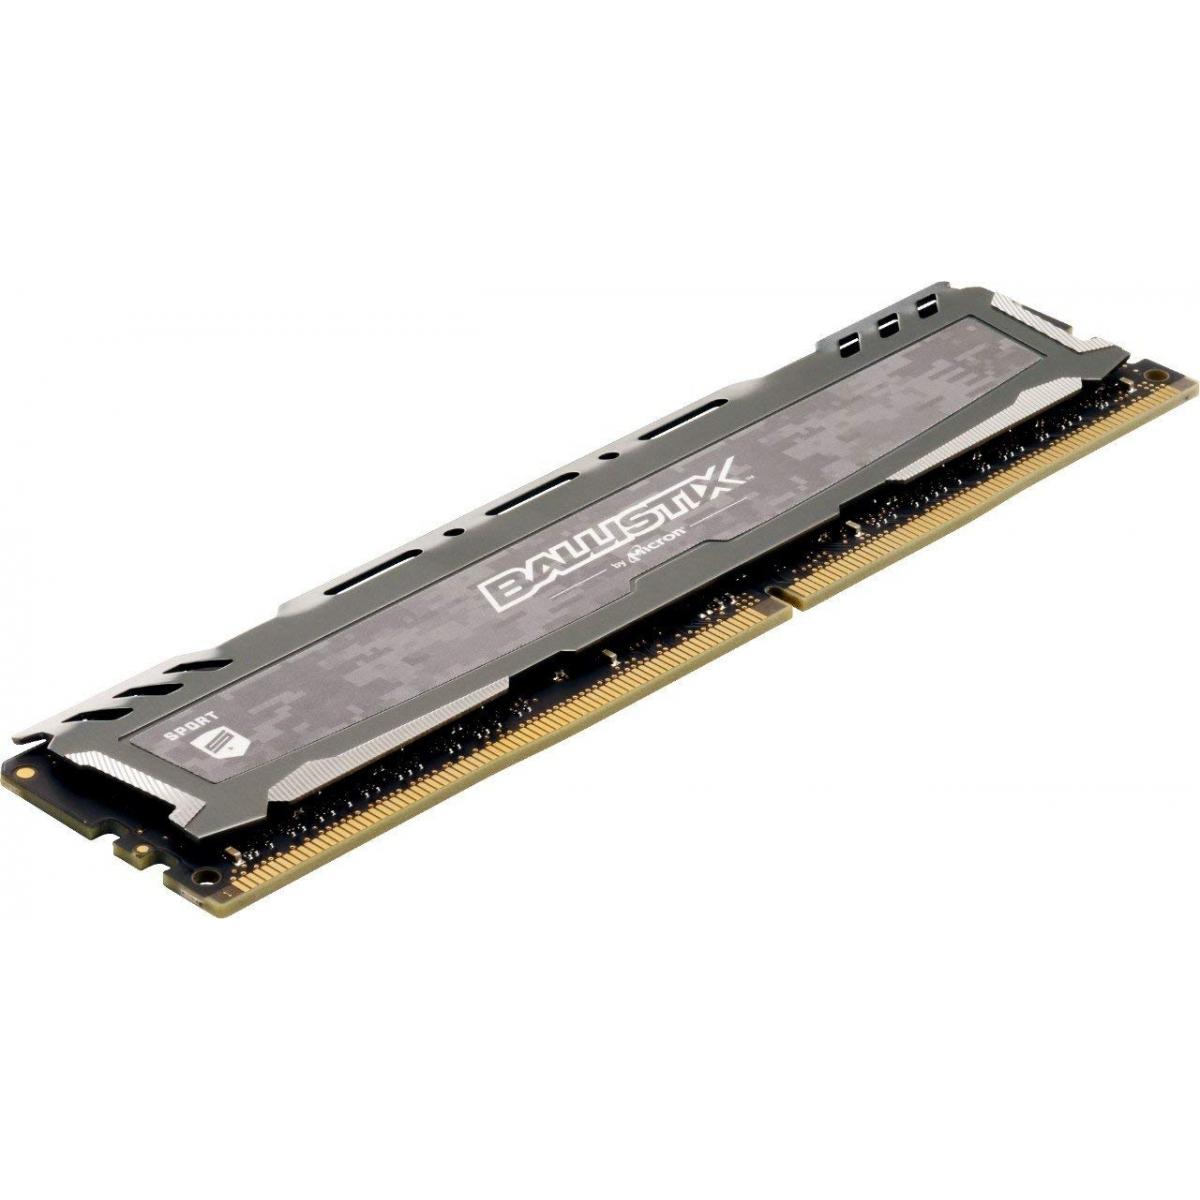 Memória DDR4 Crucial Ballistix Sport Lt, 16GB 3200MHz, Grey, BLS16G4D32AESB